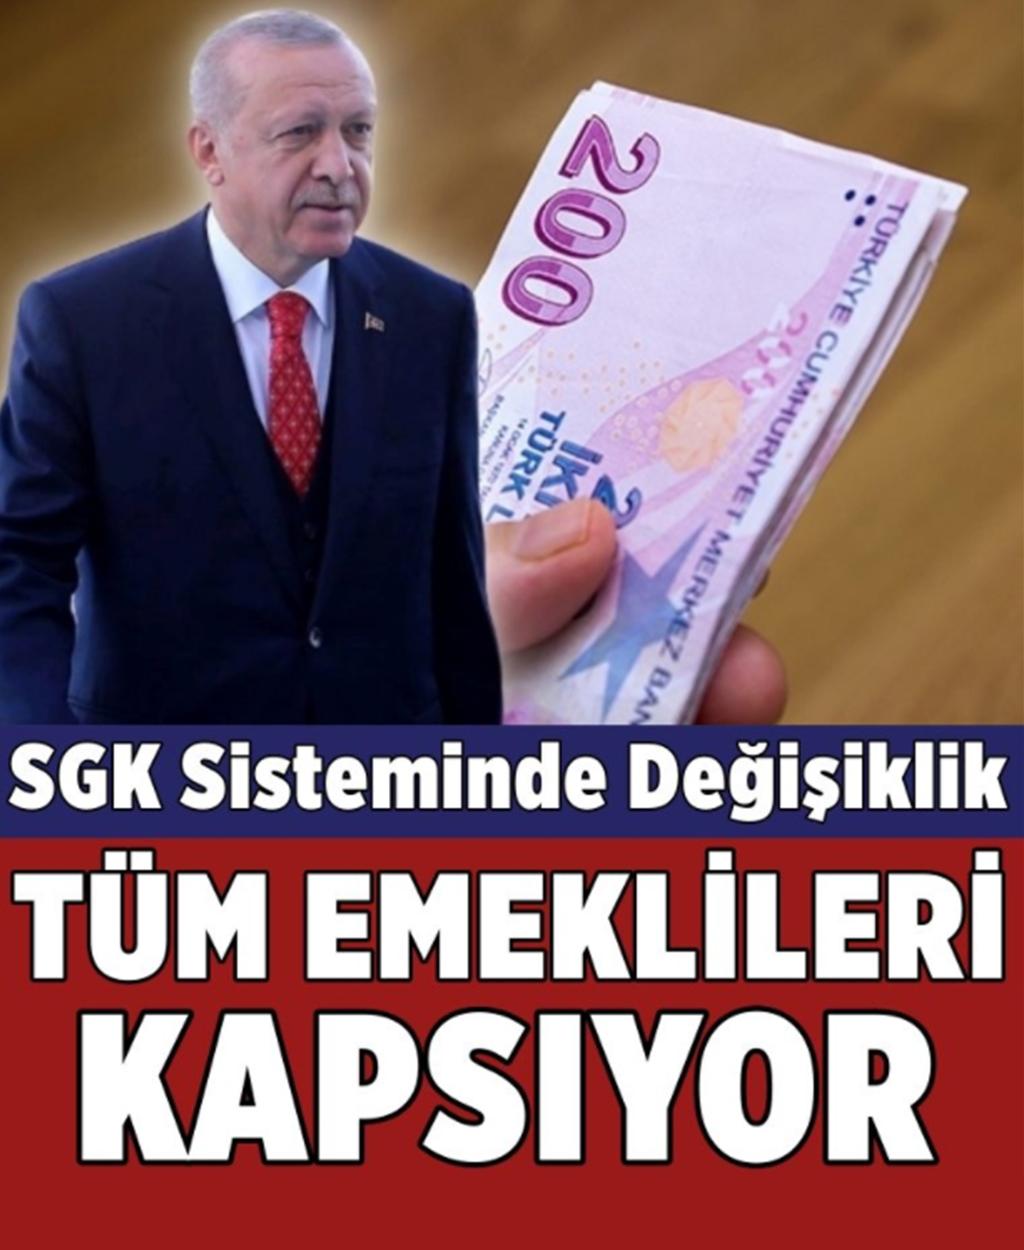 TÜM EMEKLİLERİ KAPSIYOR - 1